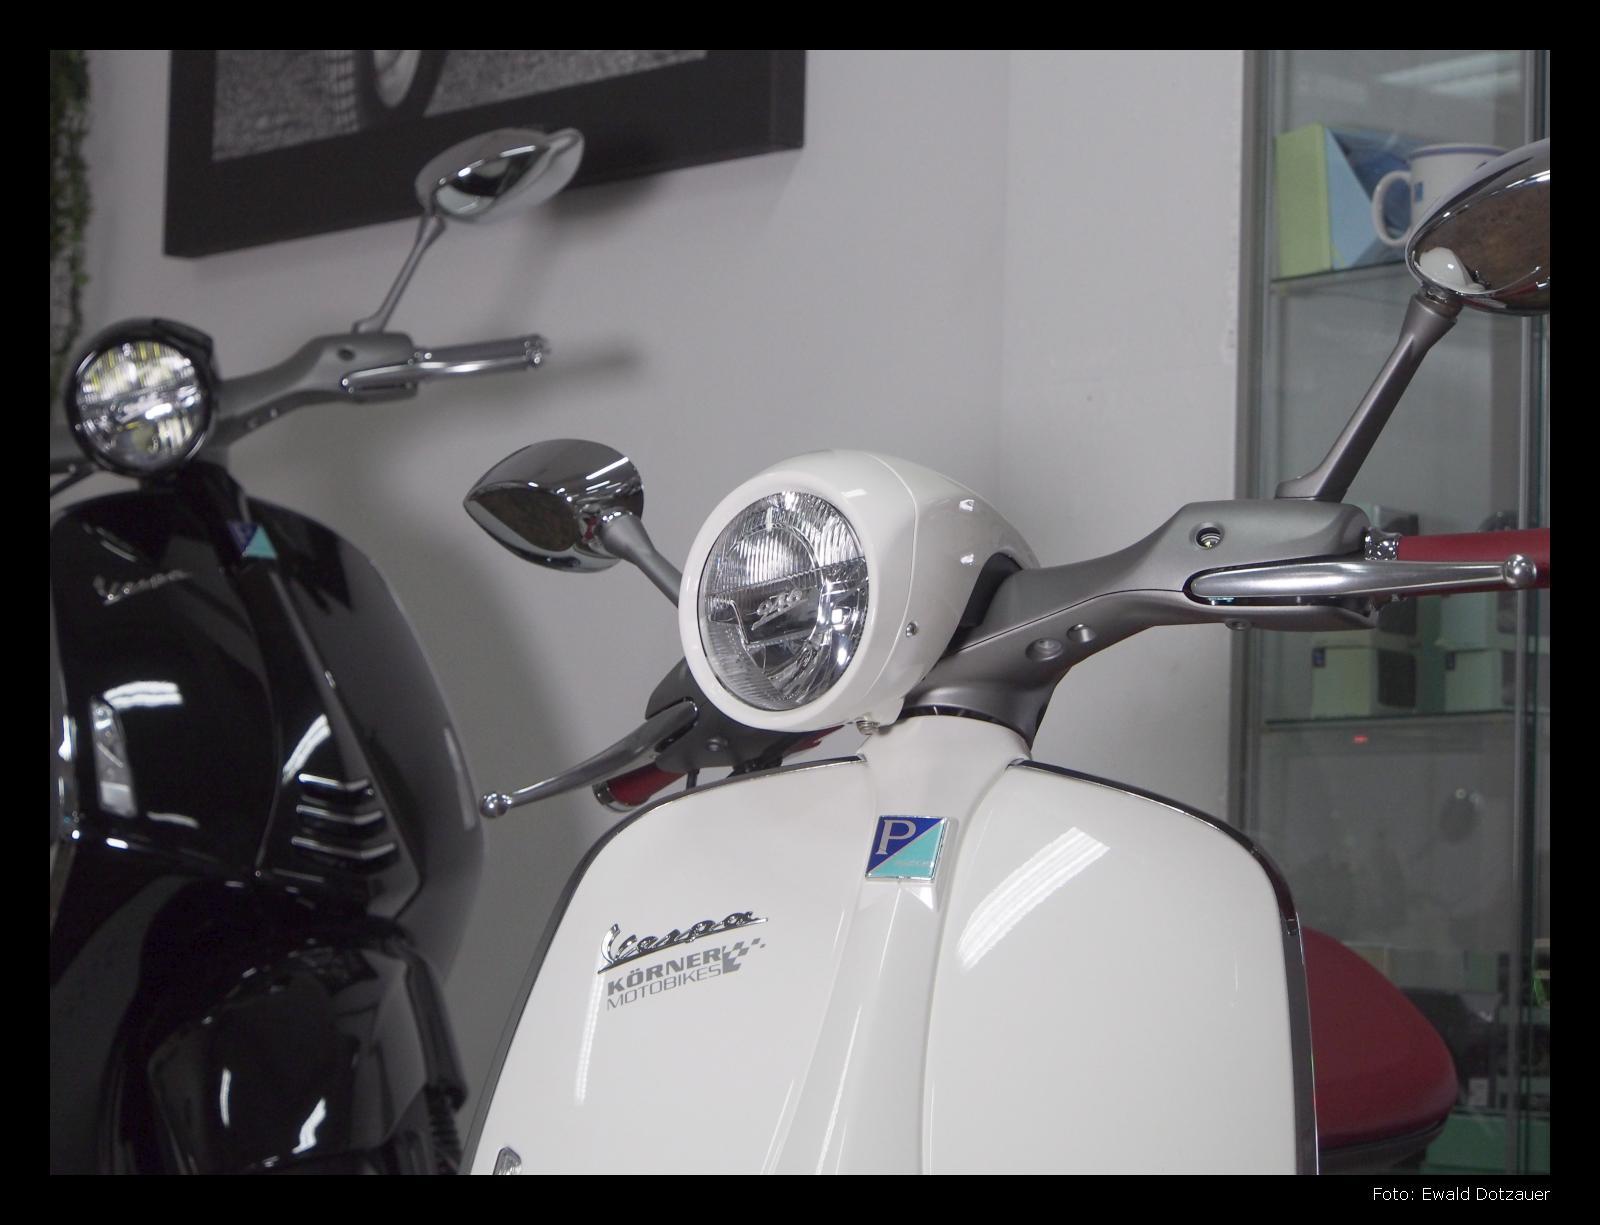 Vespa 946 in Schwarz oder Weiß. Braucht es wirklich eine andere Farbe für diesen Roller?